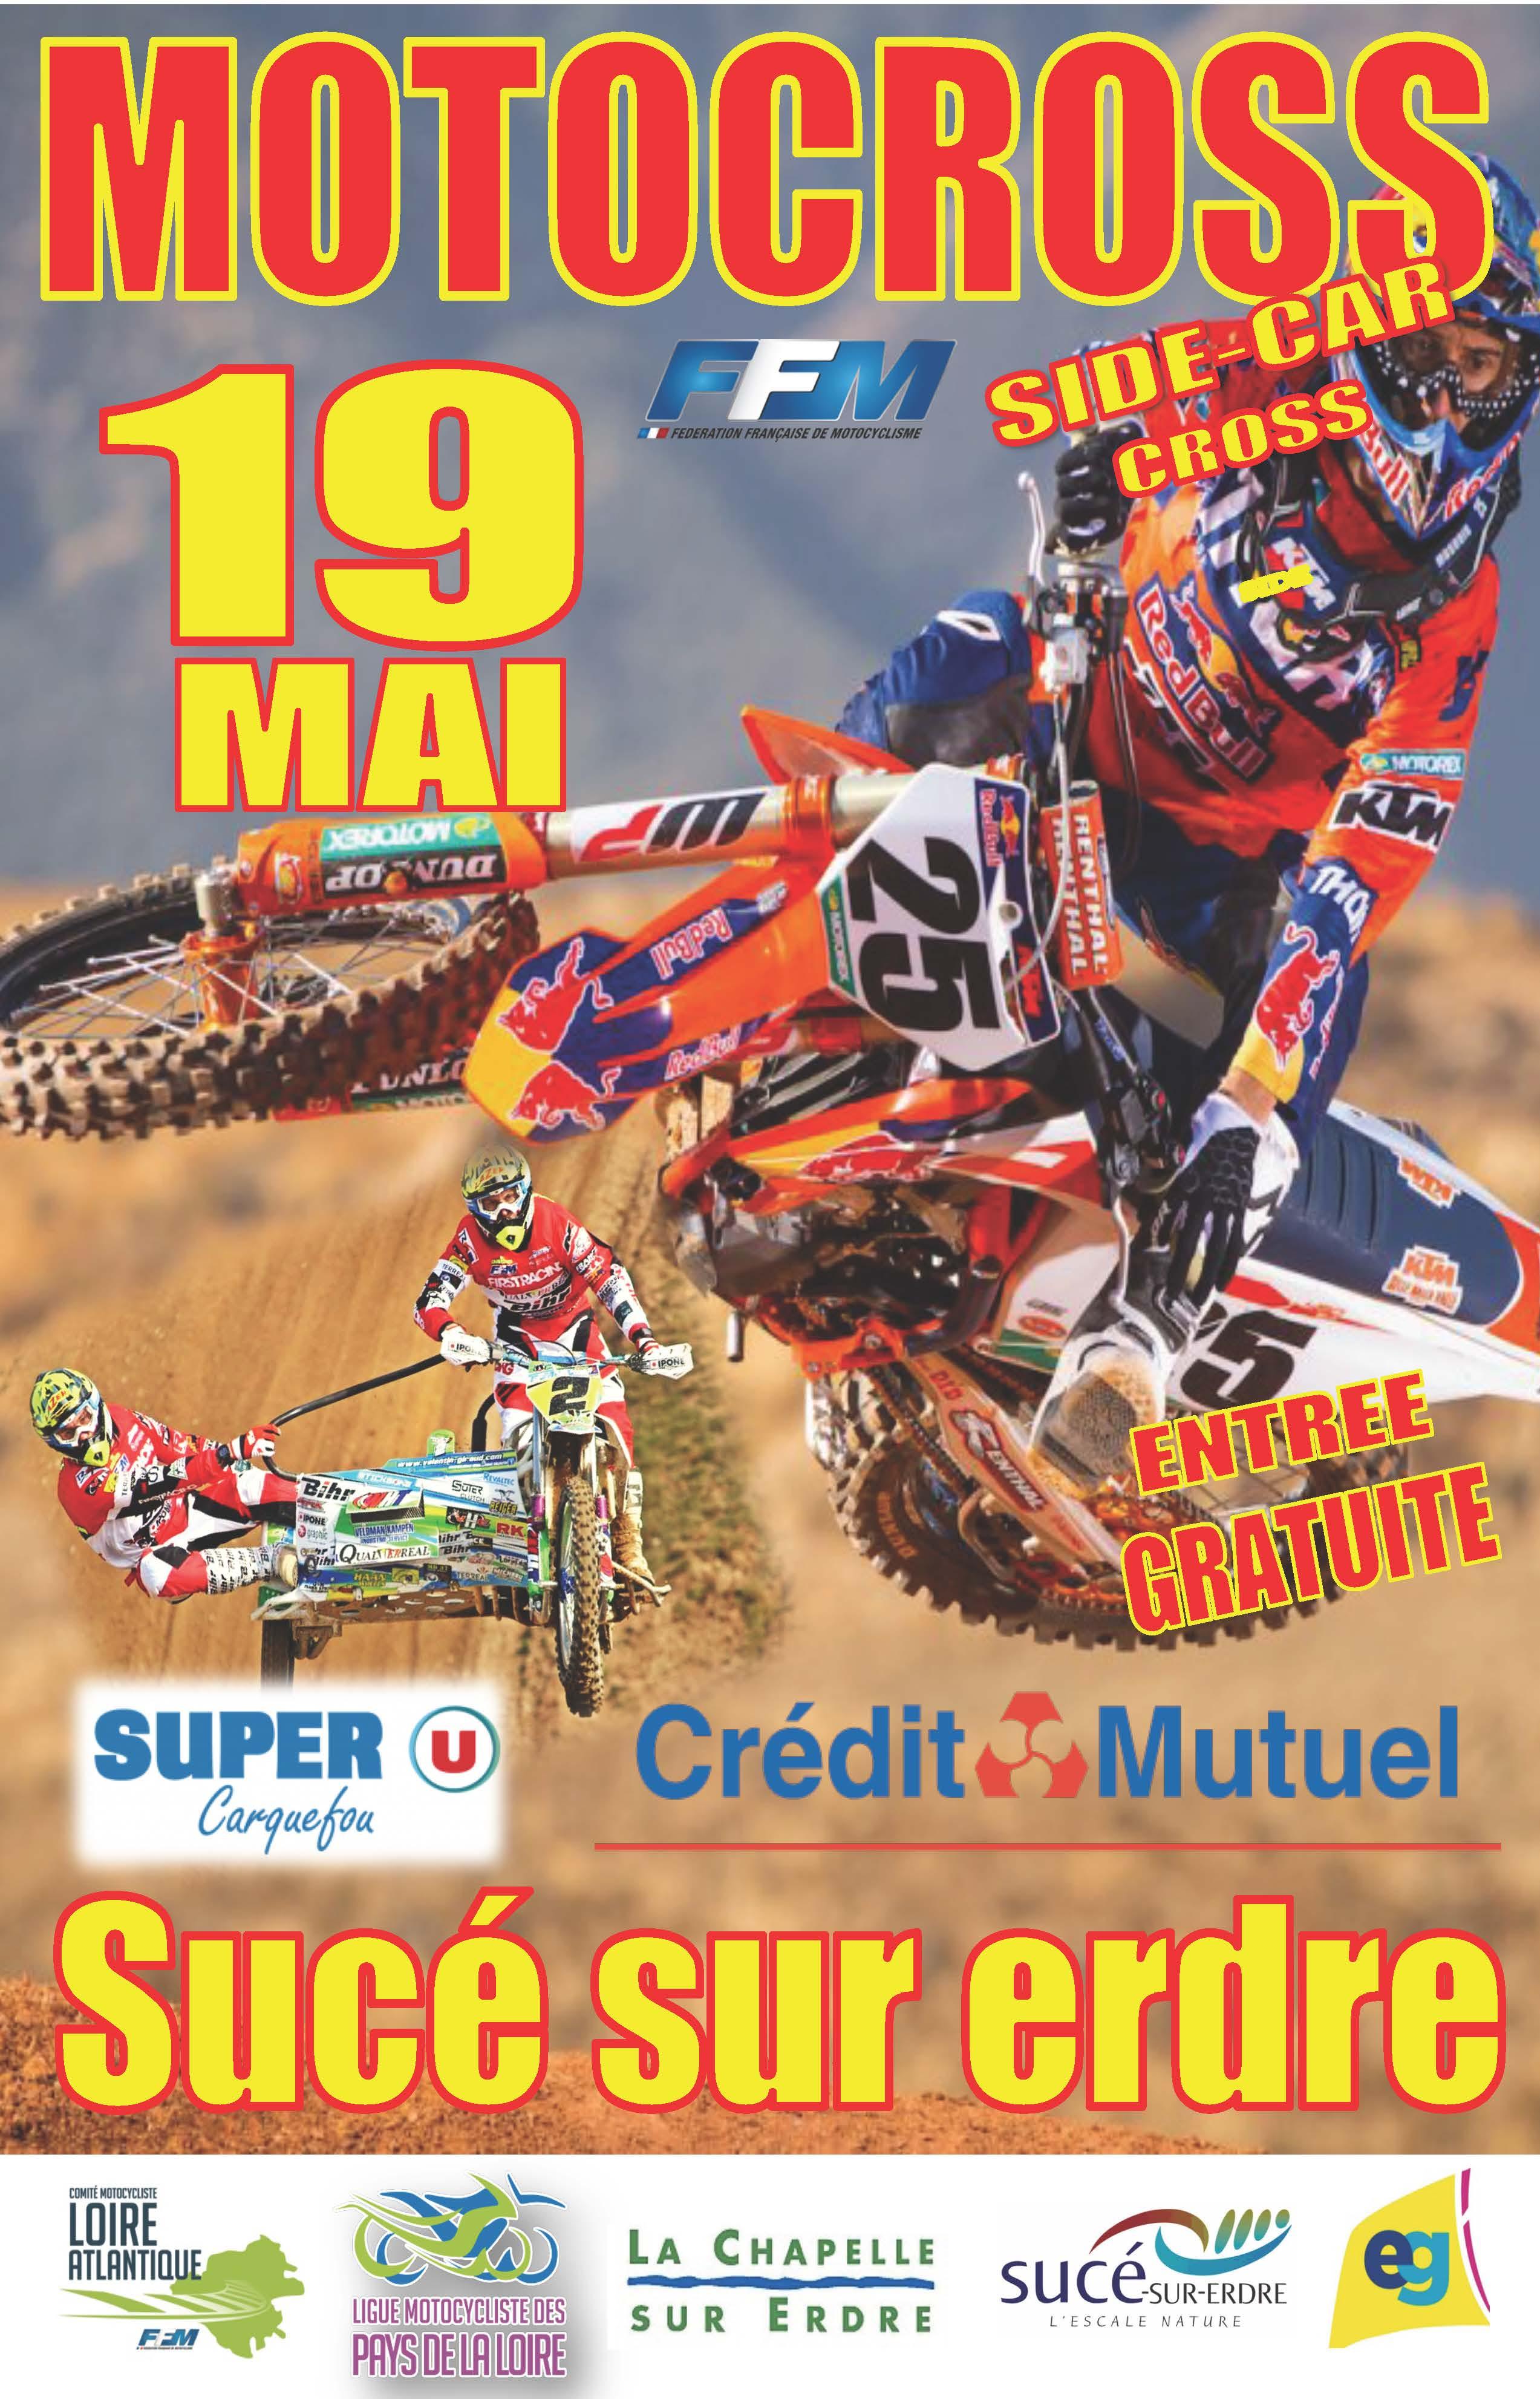 Info Motocross - épreuve Sucé sur Erdre (44) 19 mai